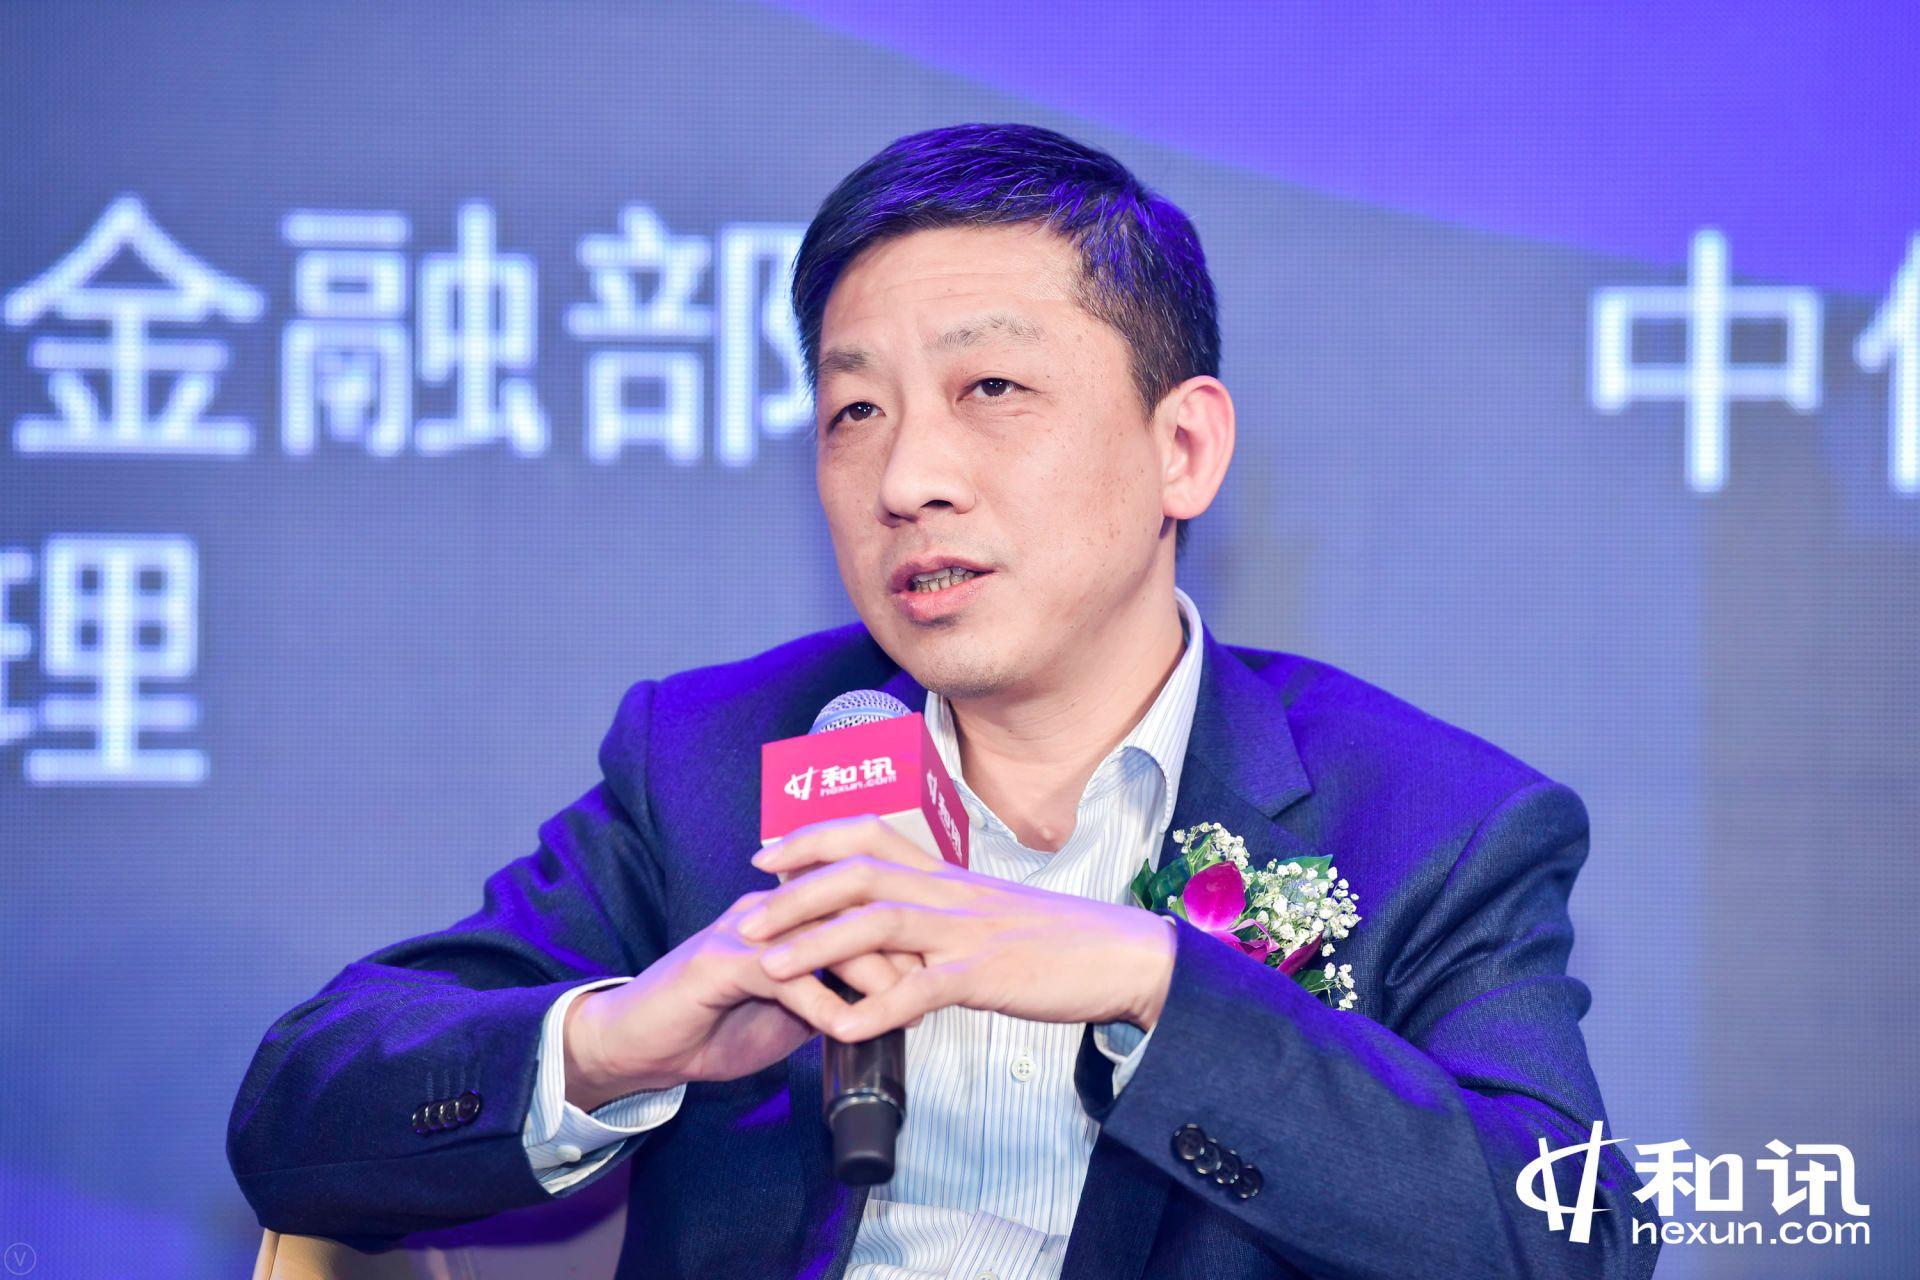 兴业银行网络金融部副总经理黄正建